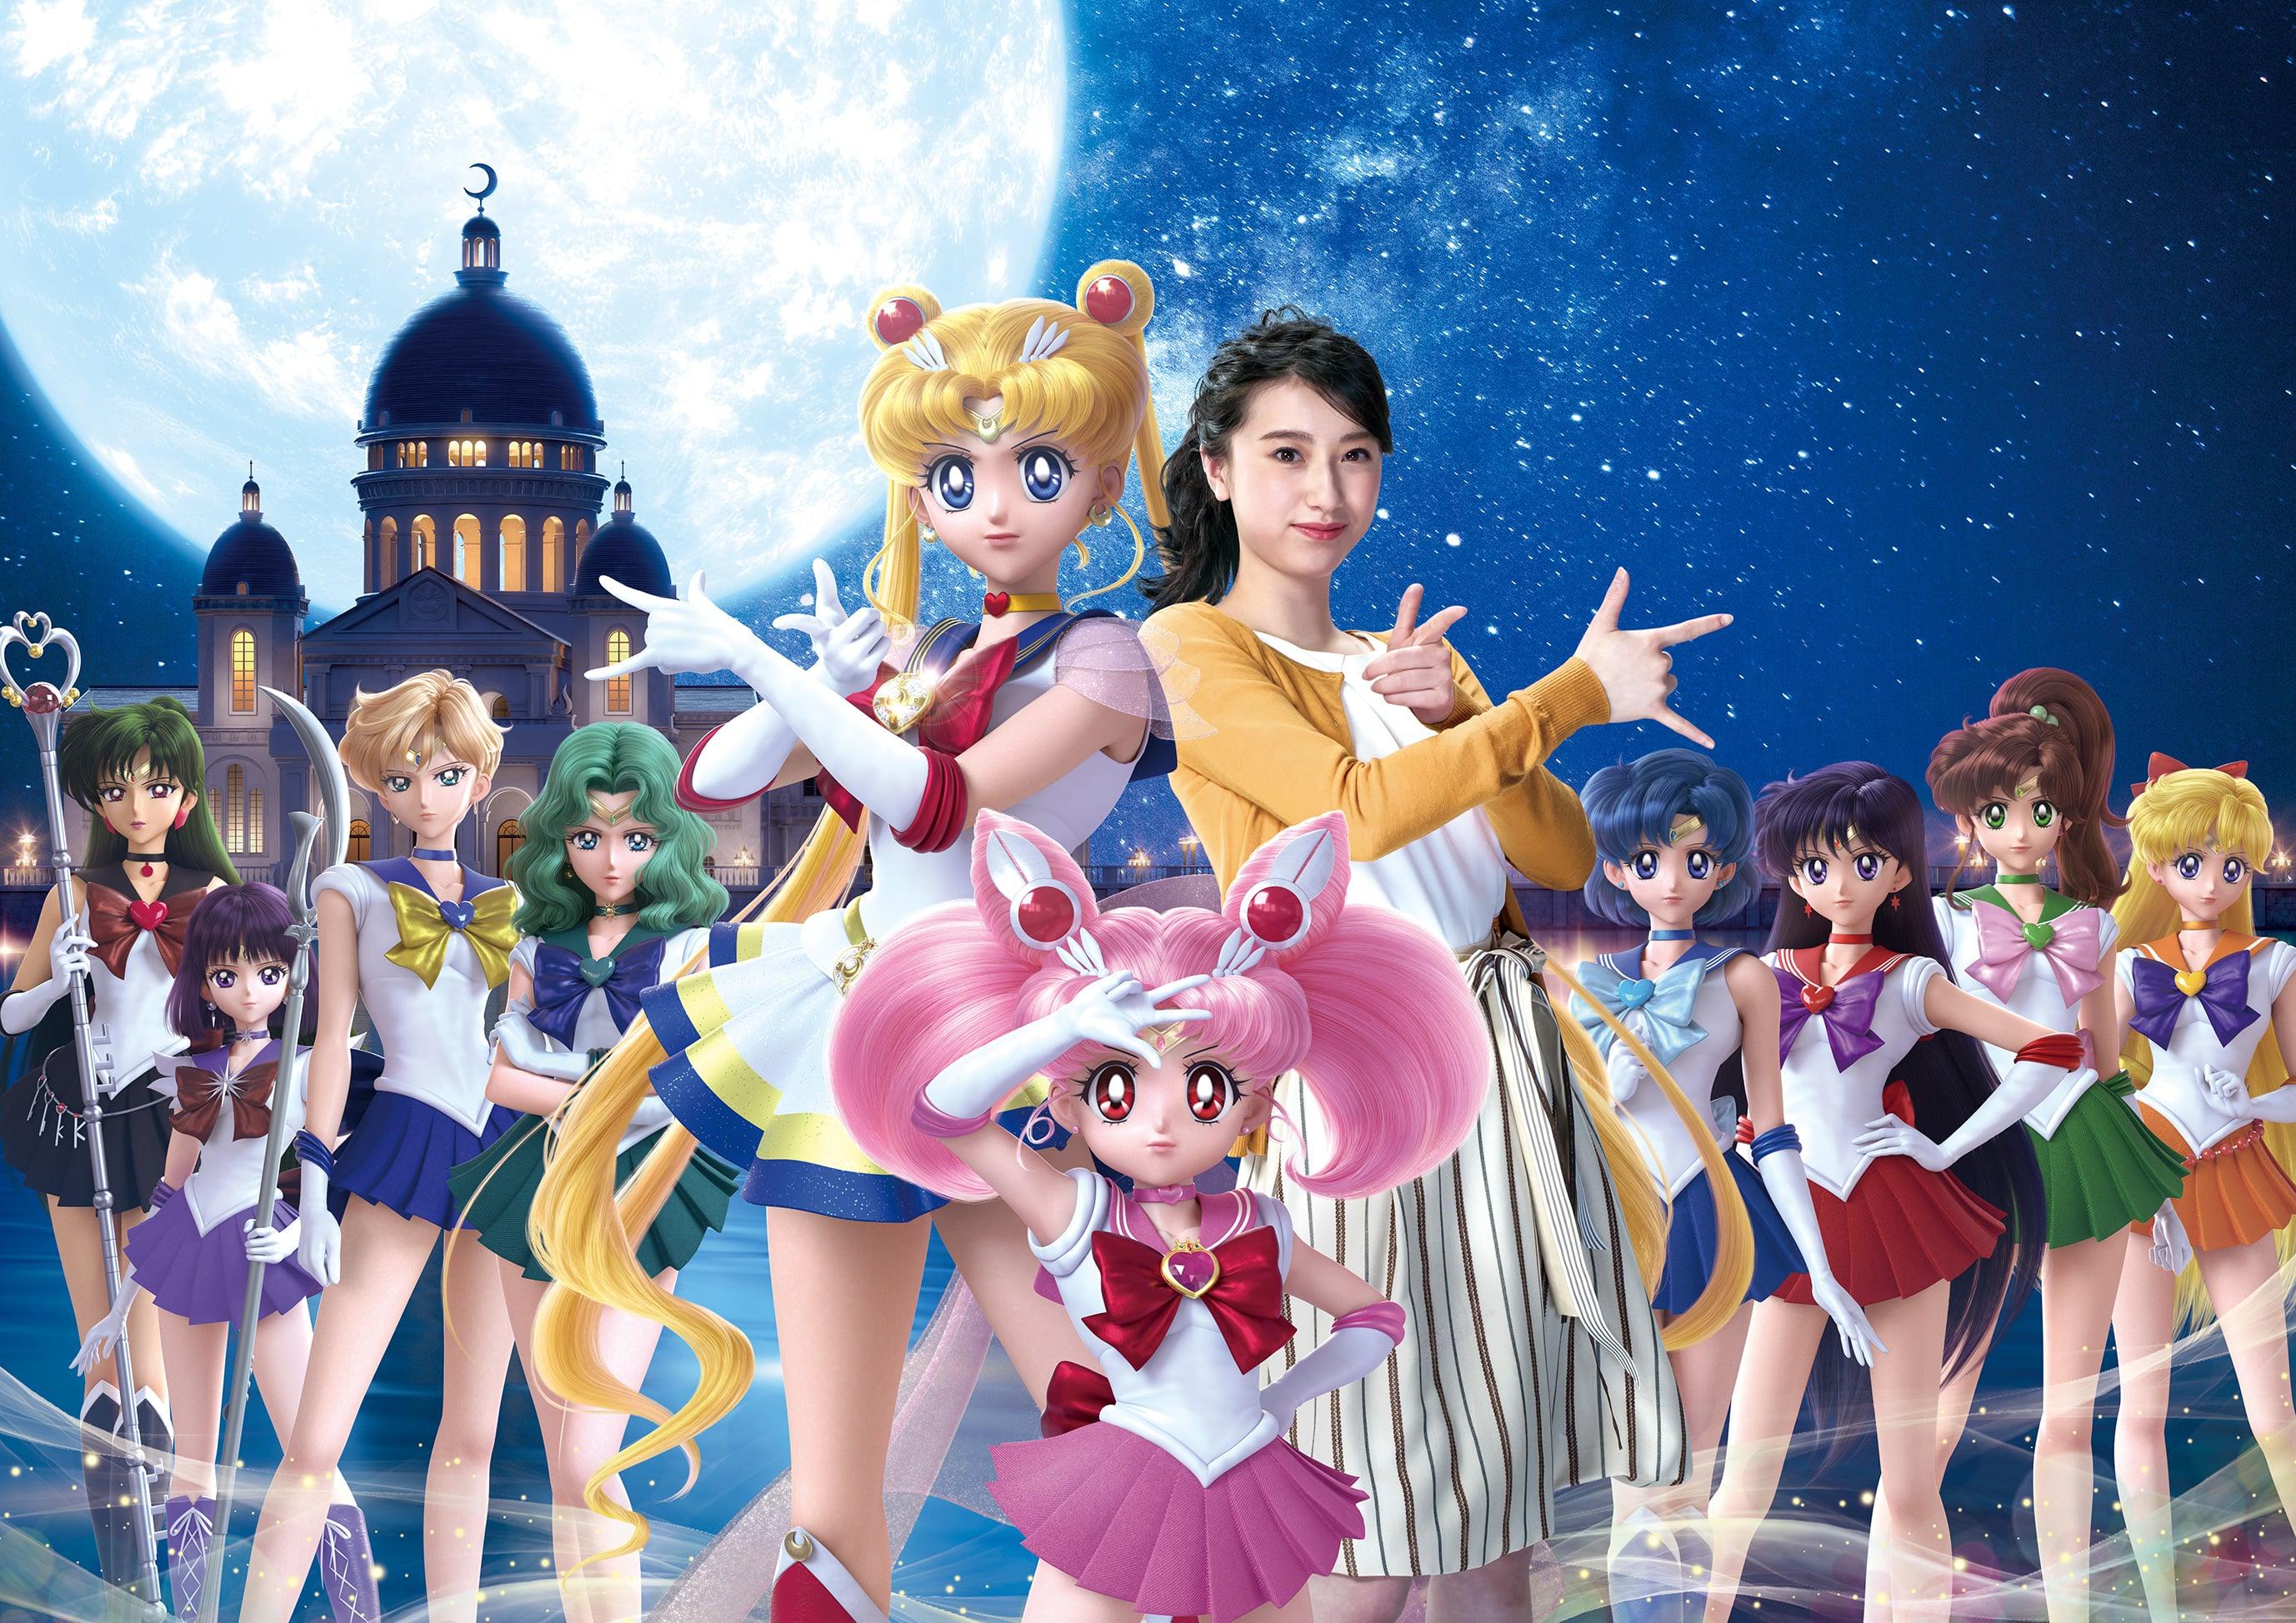 ユニバーサル・スタジオ・ジャパン_USJ_美少女戦士セーラームーン・ザ・ミラクル 4-D ~ムーン・パレス編~_pretty_guardian_sailor_moon_the_mirable_4-d_moon_palace-min